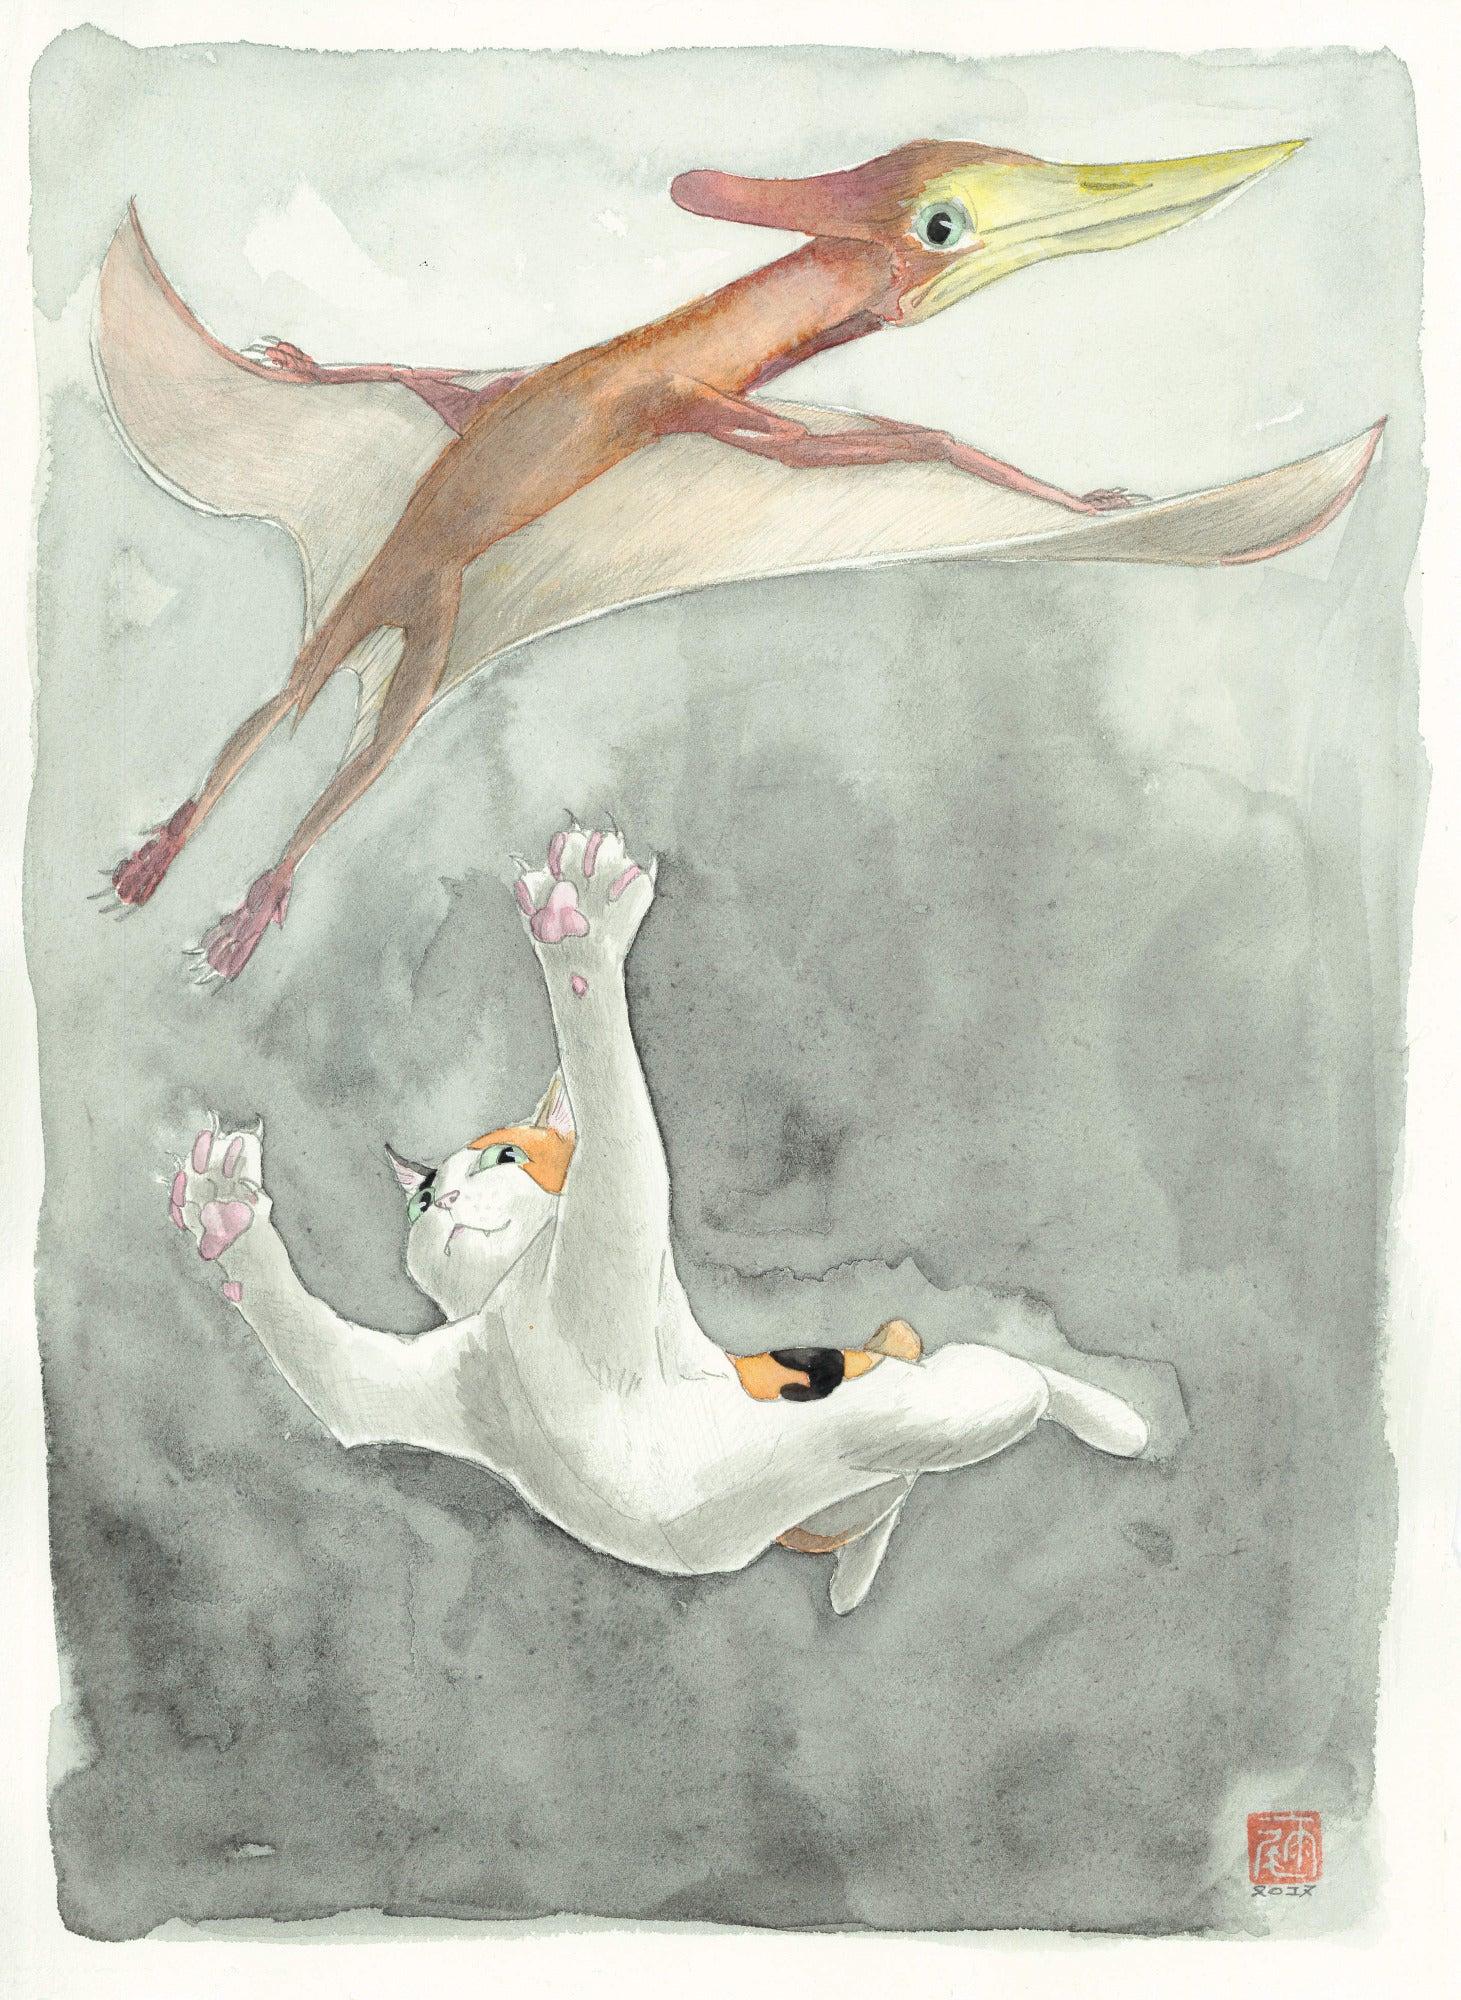 エオプテラノドンと猫 | 月が味方をしてくれる。